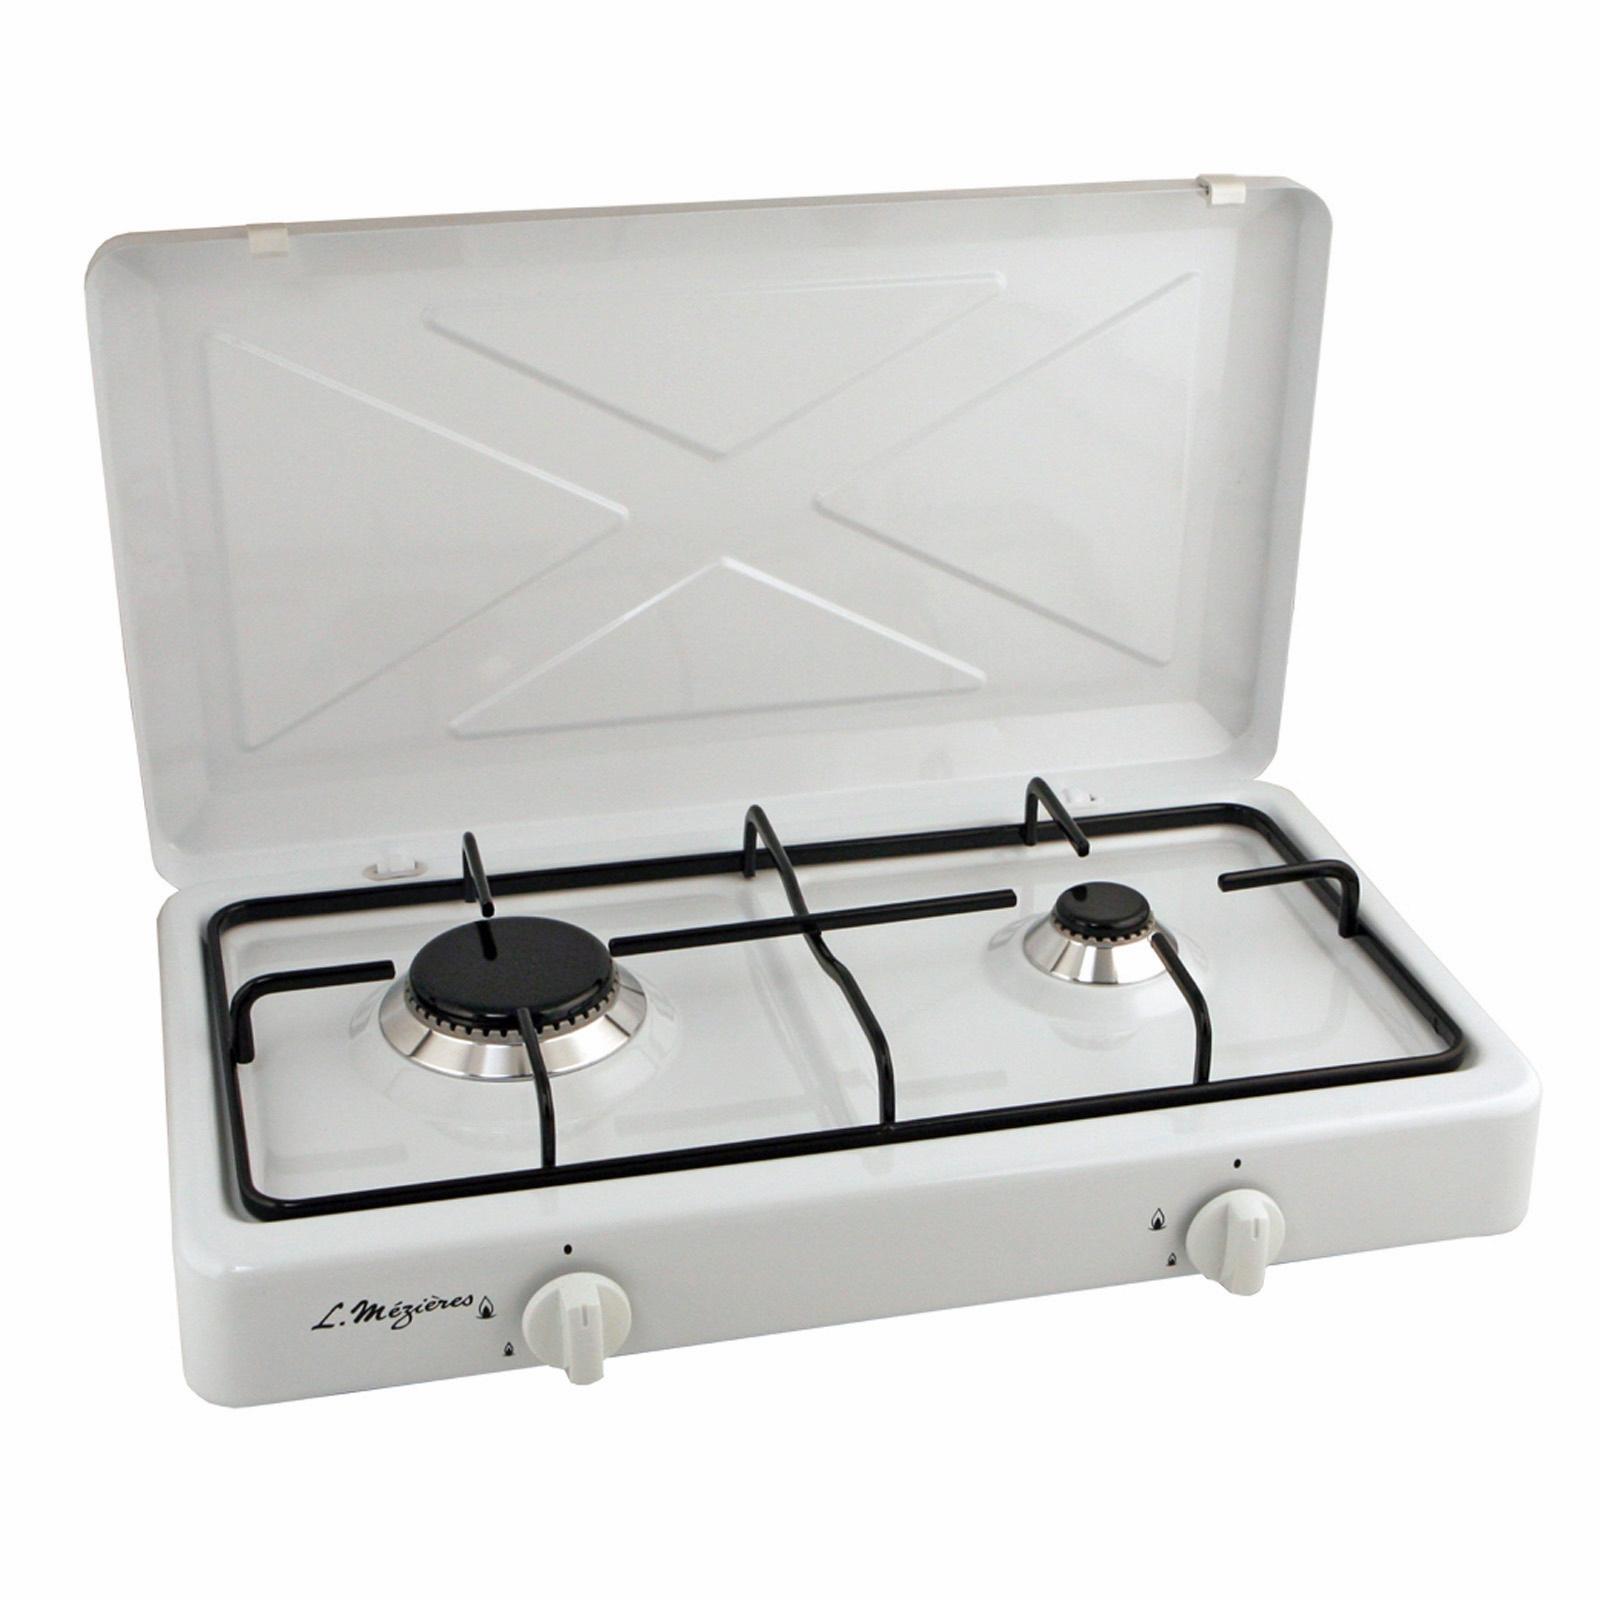 Platine de cuisson gaz 2 feux l m zi res 900 w et 2200 w - Plaque de cuisson portable ...